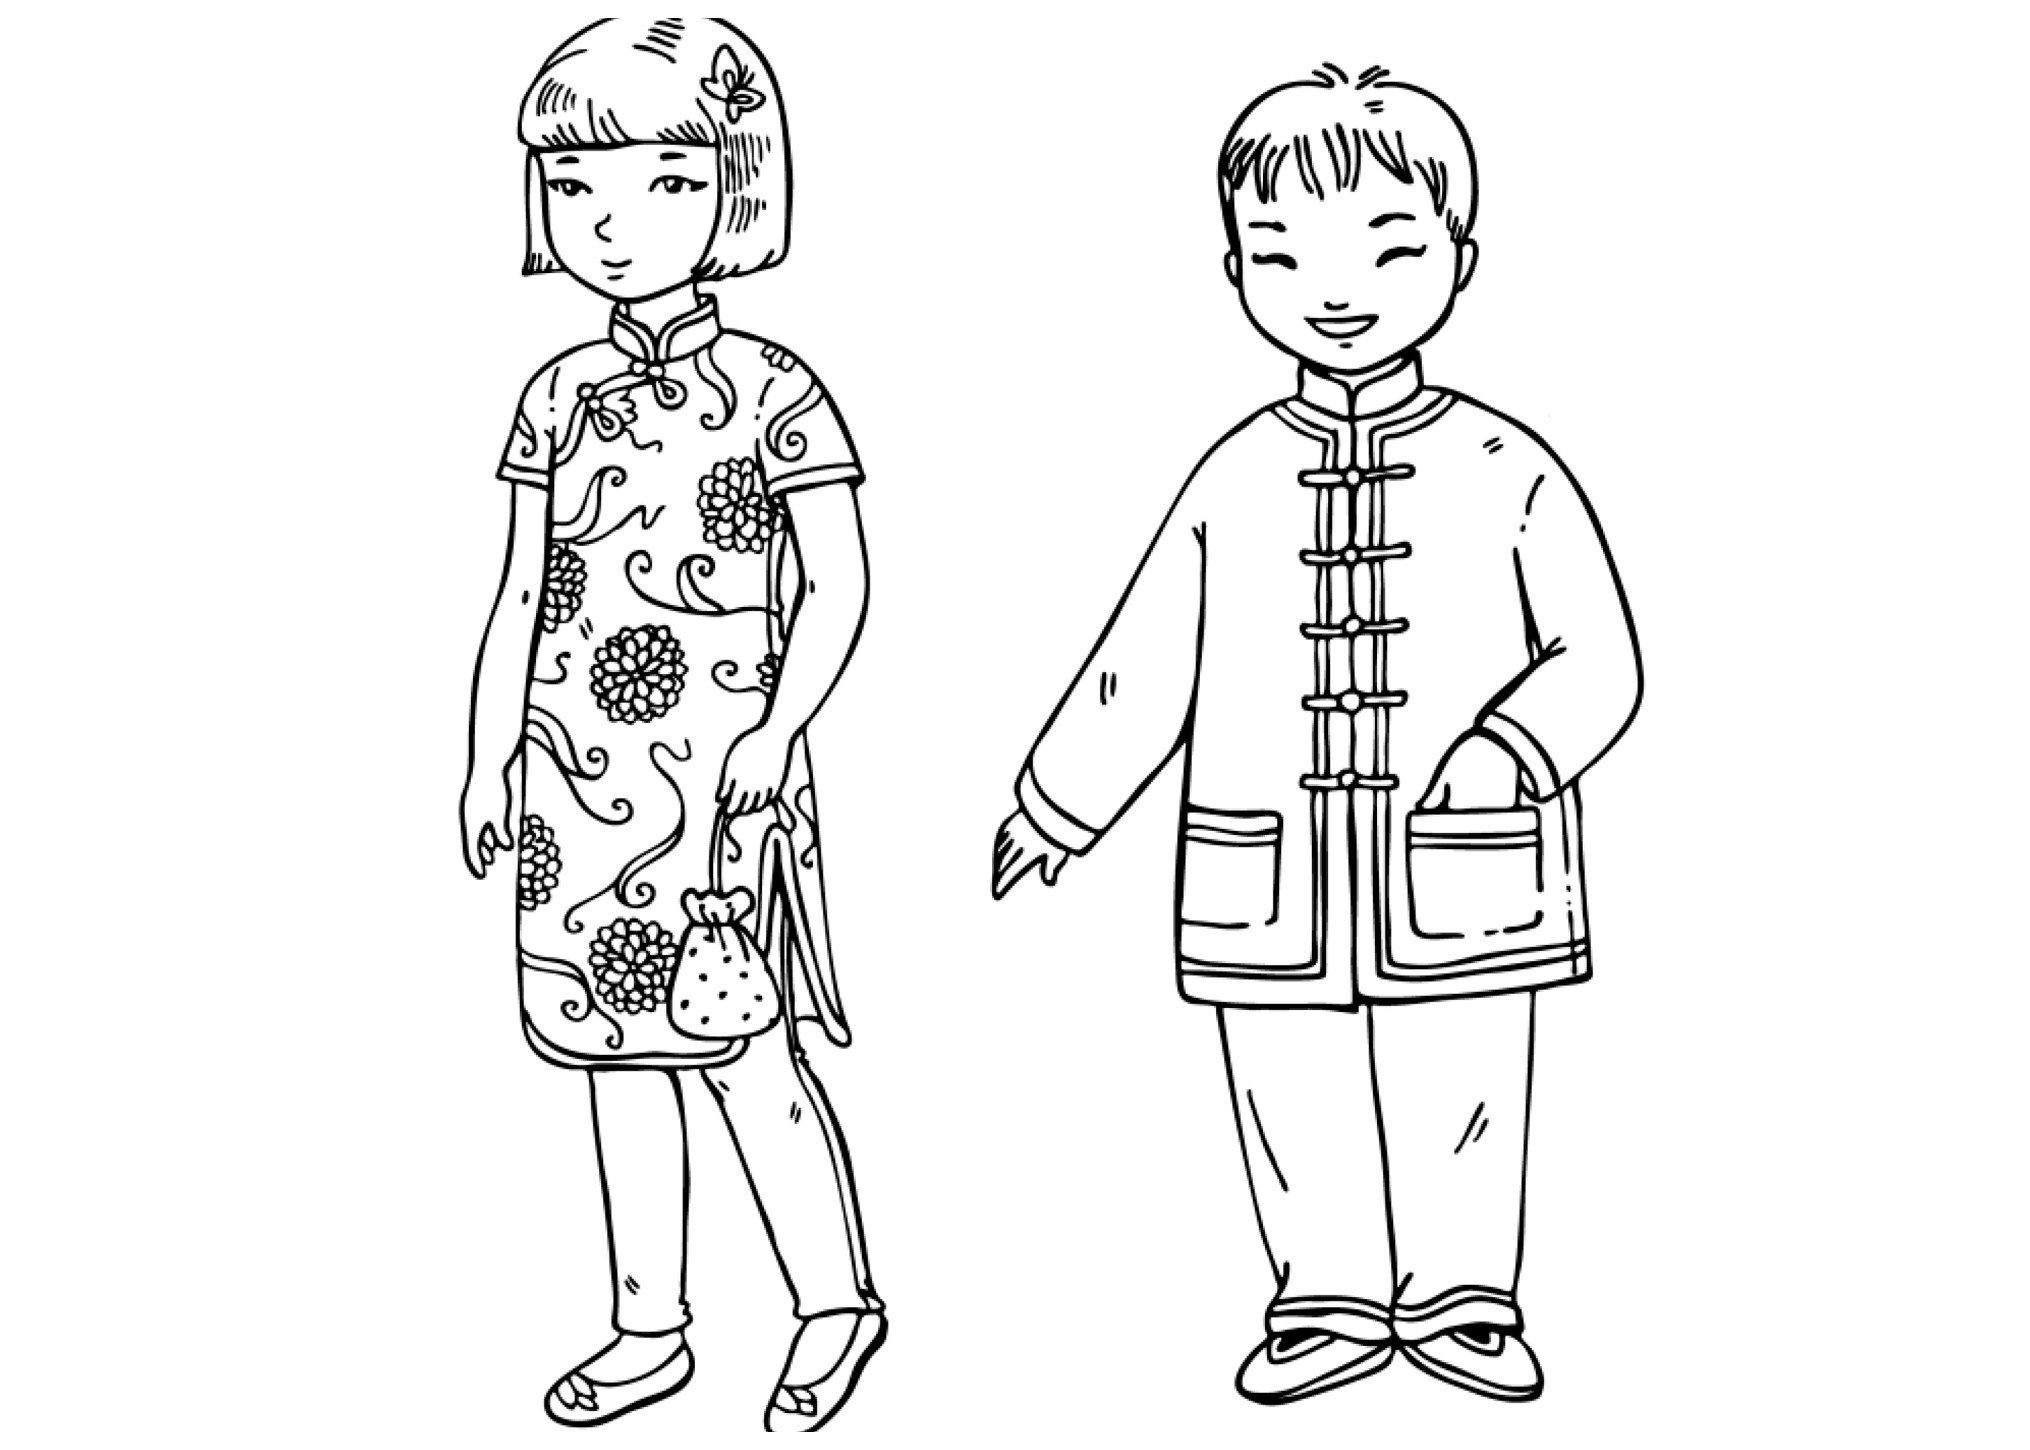 Китайские дети - Картинка для раскрашивания красками-гуашью